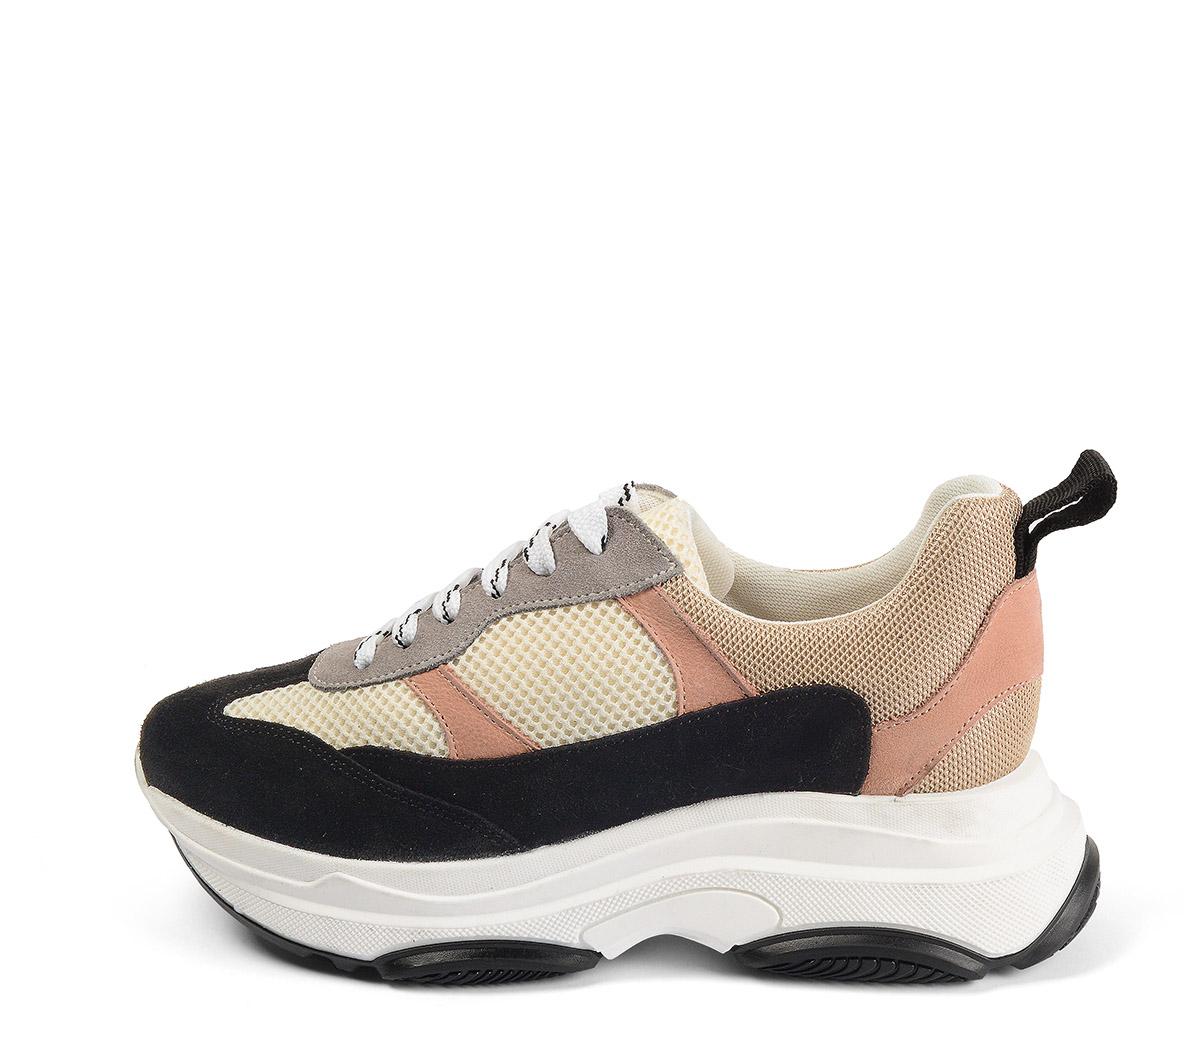 Ref. 4141 Sneaker serraje negro combinado con tela beige y piel rosa. Altura plataforma trasera 5 cm y plataforma delantera 3 cm.